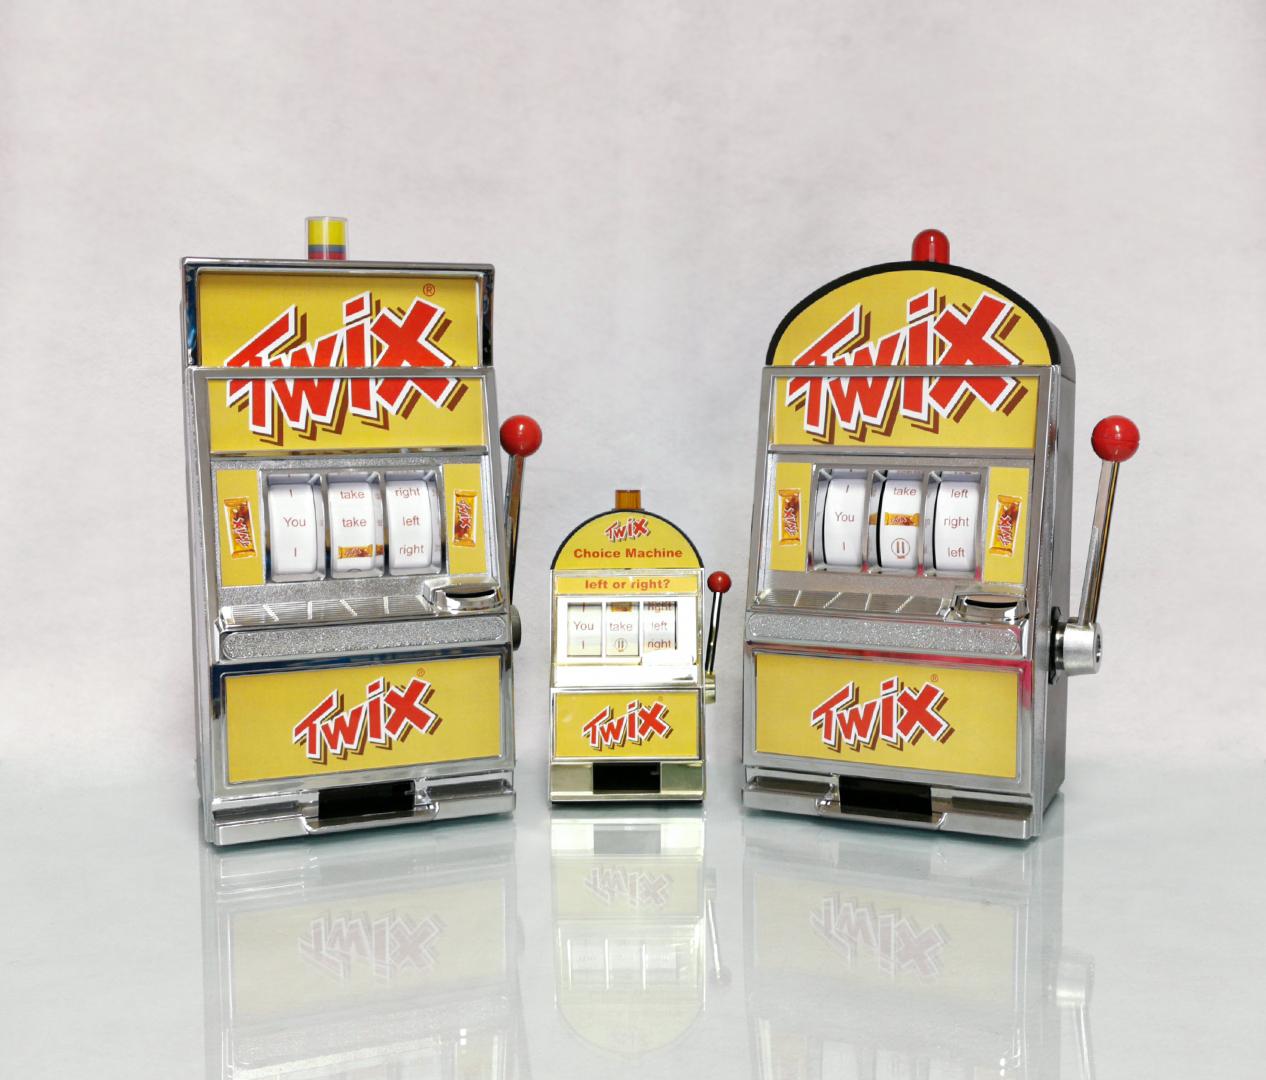 TWIX Slotmachine - Zweyloeven Werbeproduktion GmbH